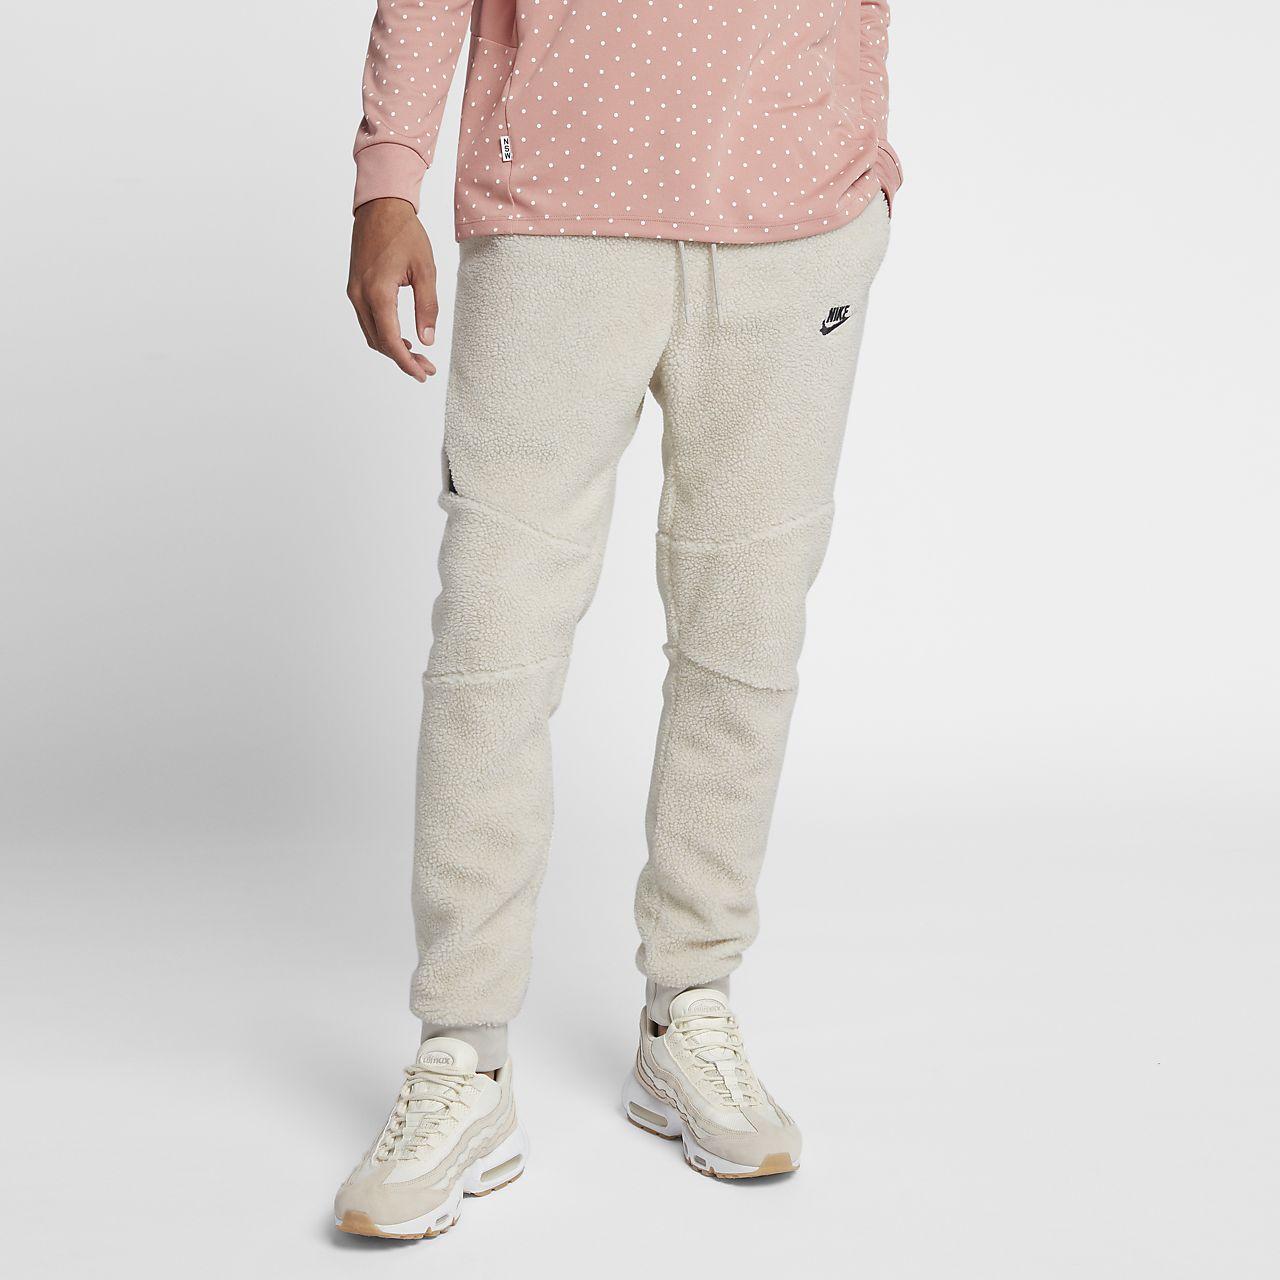 Sherpa En Sportswear Icon De Pour Jogging Fleece Tech Pantalon Nike kuPiOXZ